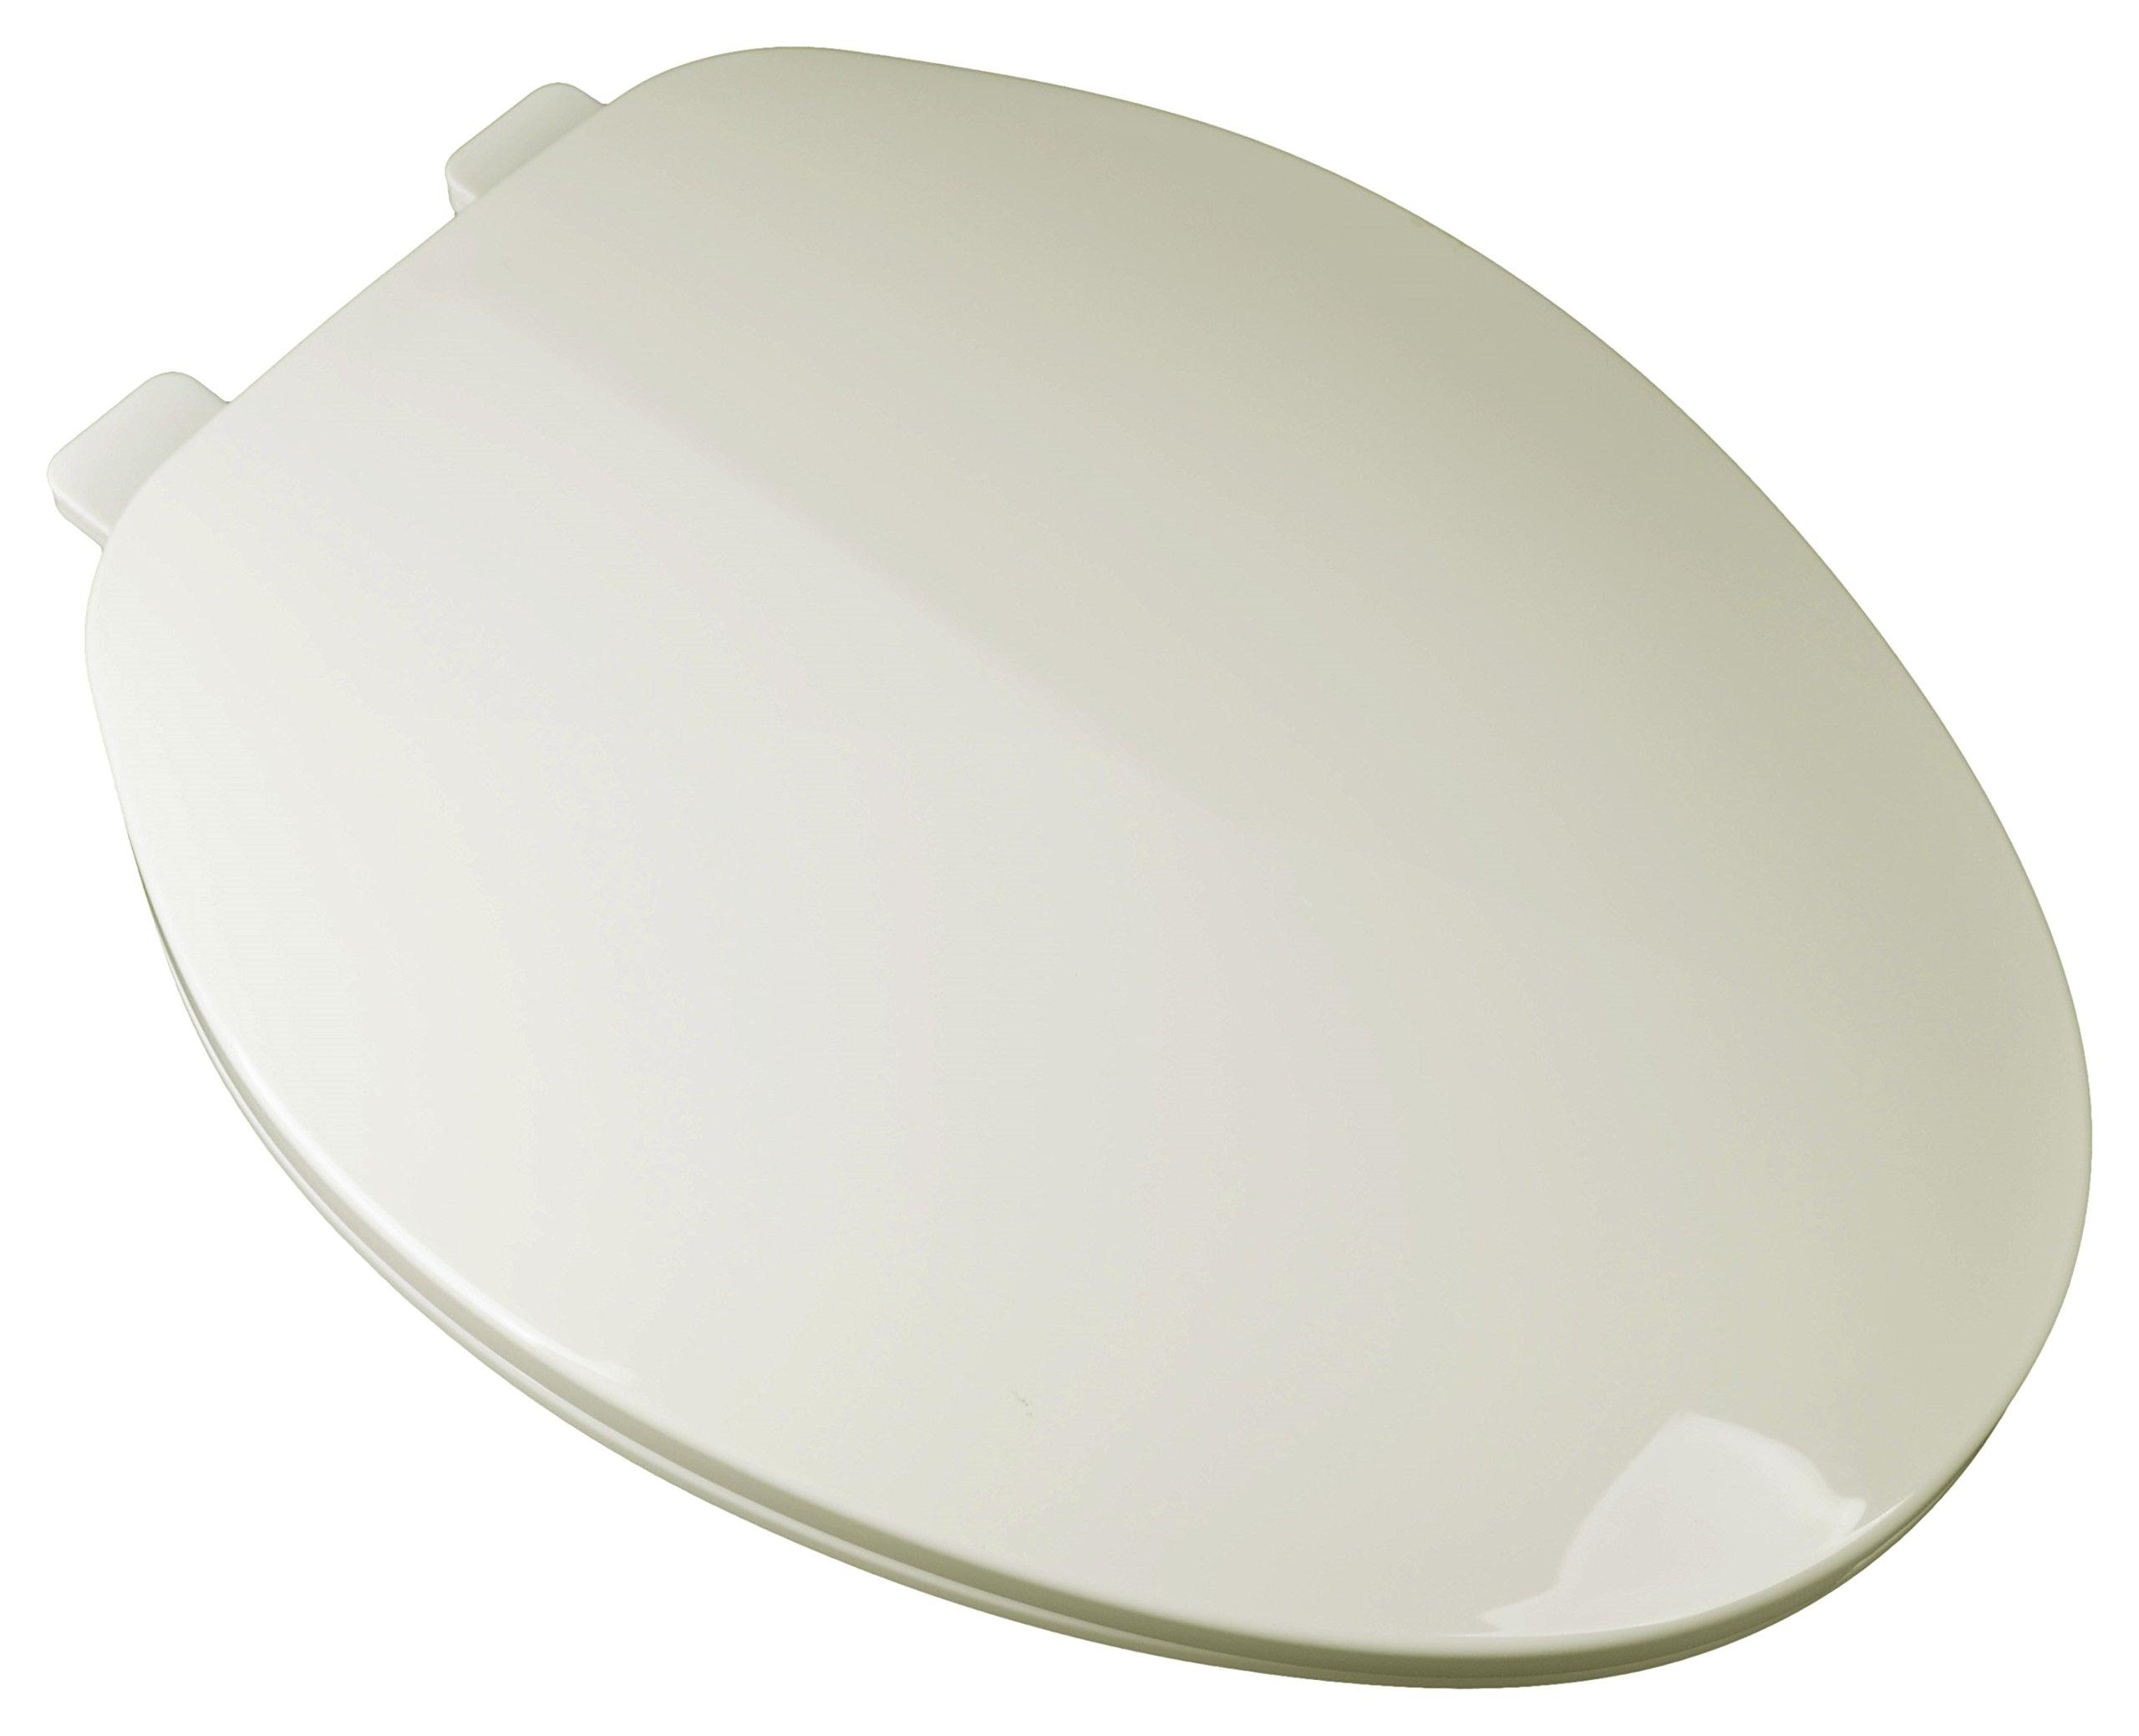 Bath Décor 2F1E3-01 Builder Grade Plastic Top Mount Elongated Toilet Seat with Adjustable Hinge by Bath Décor